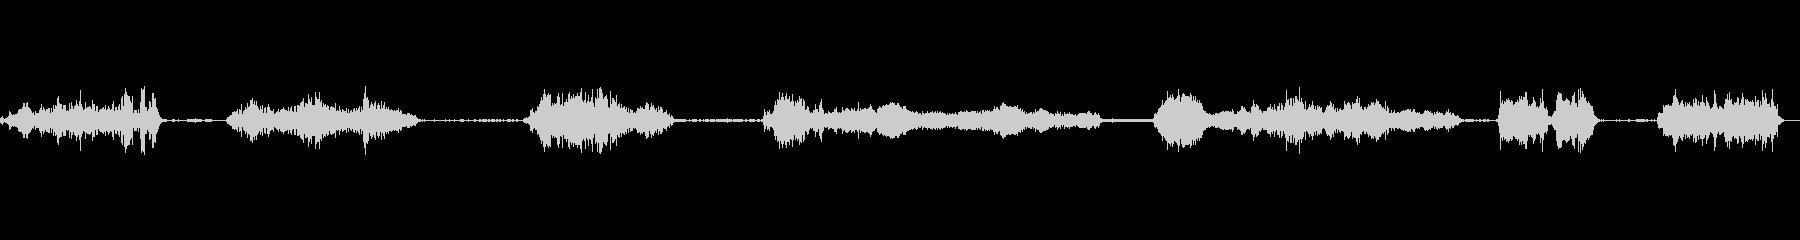 スローモーションのうなり声と成長ク...の未再生の波形